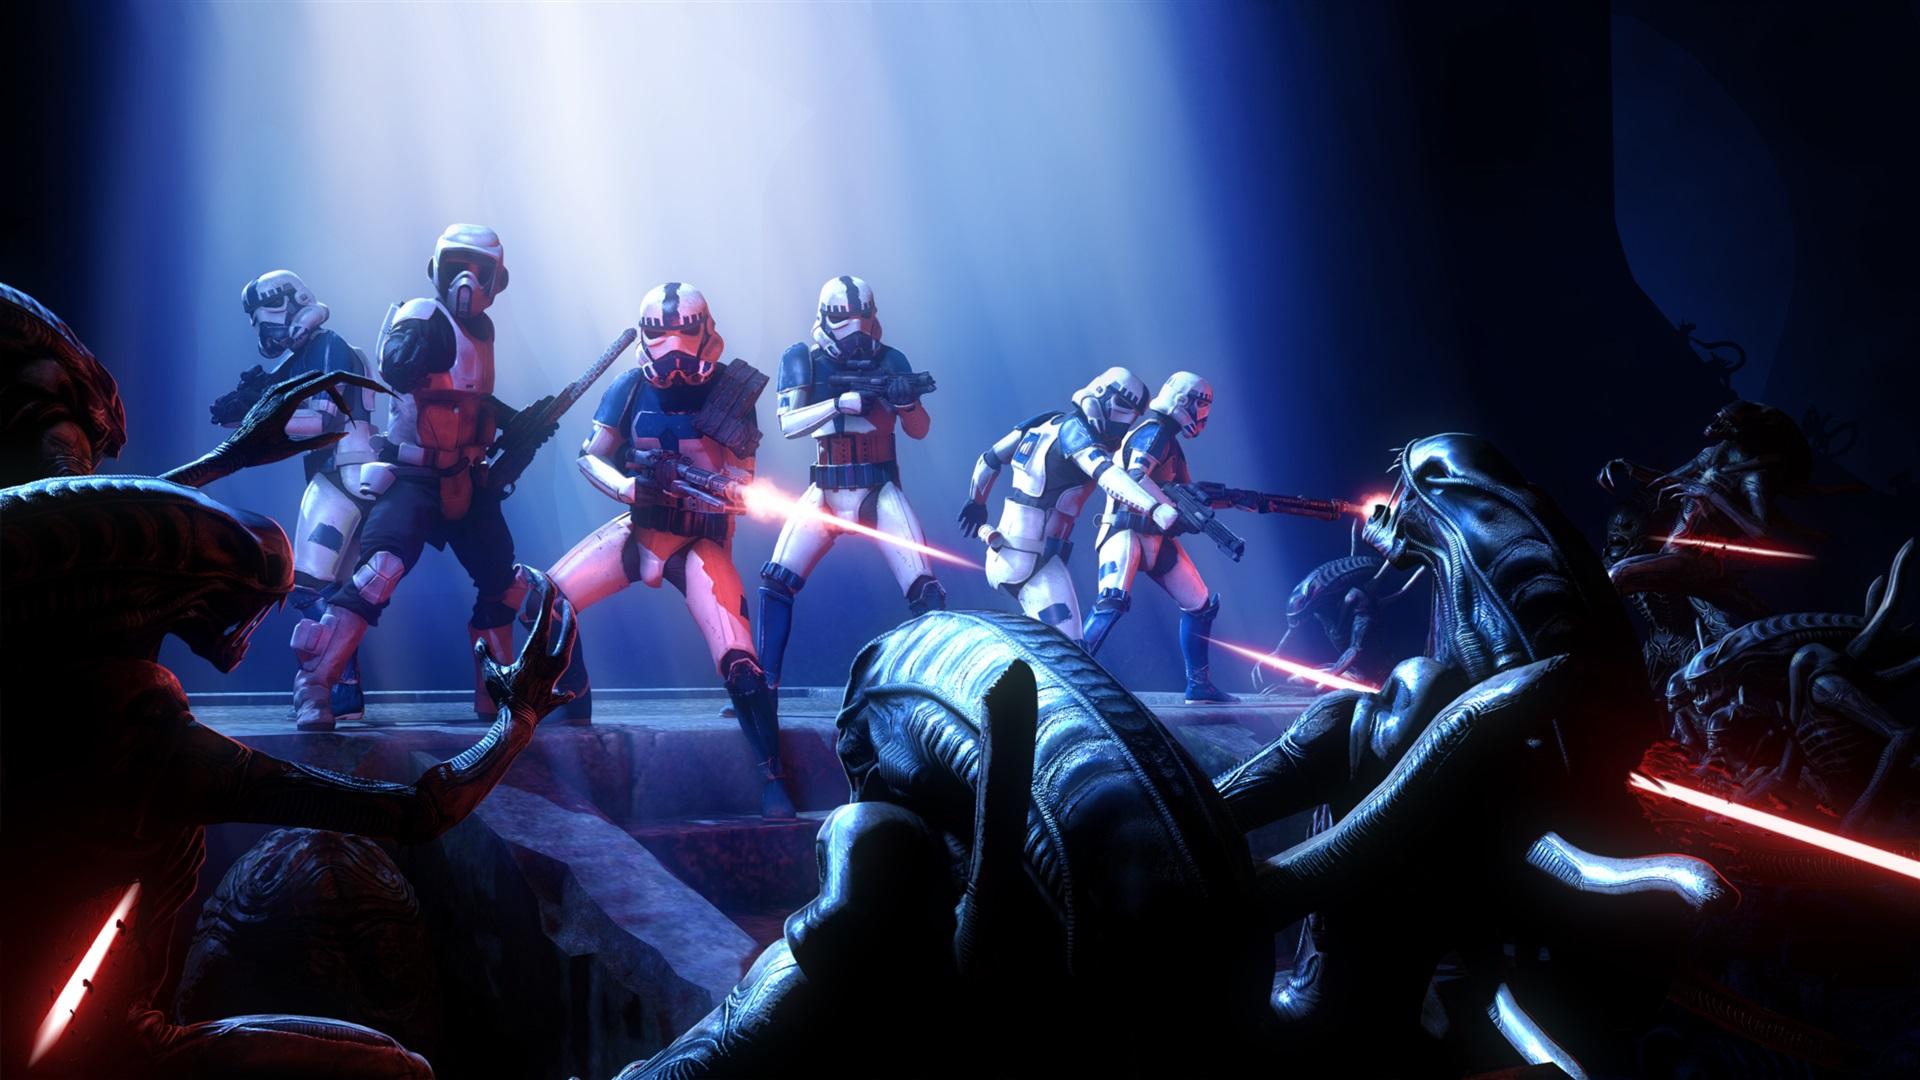 Fondos De Pantalla Star Wars, Alien, Juegos Para PC